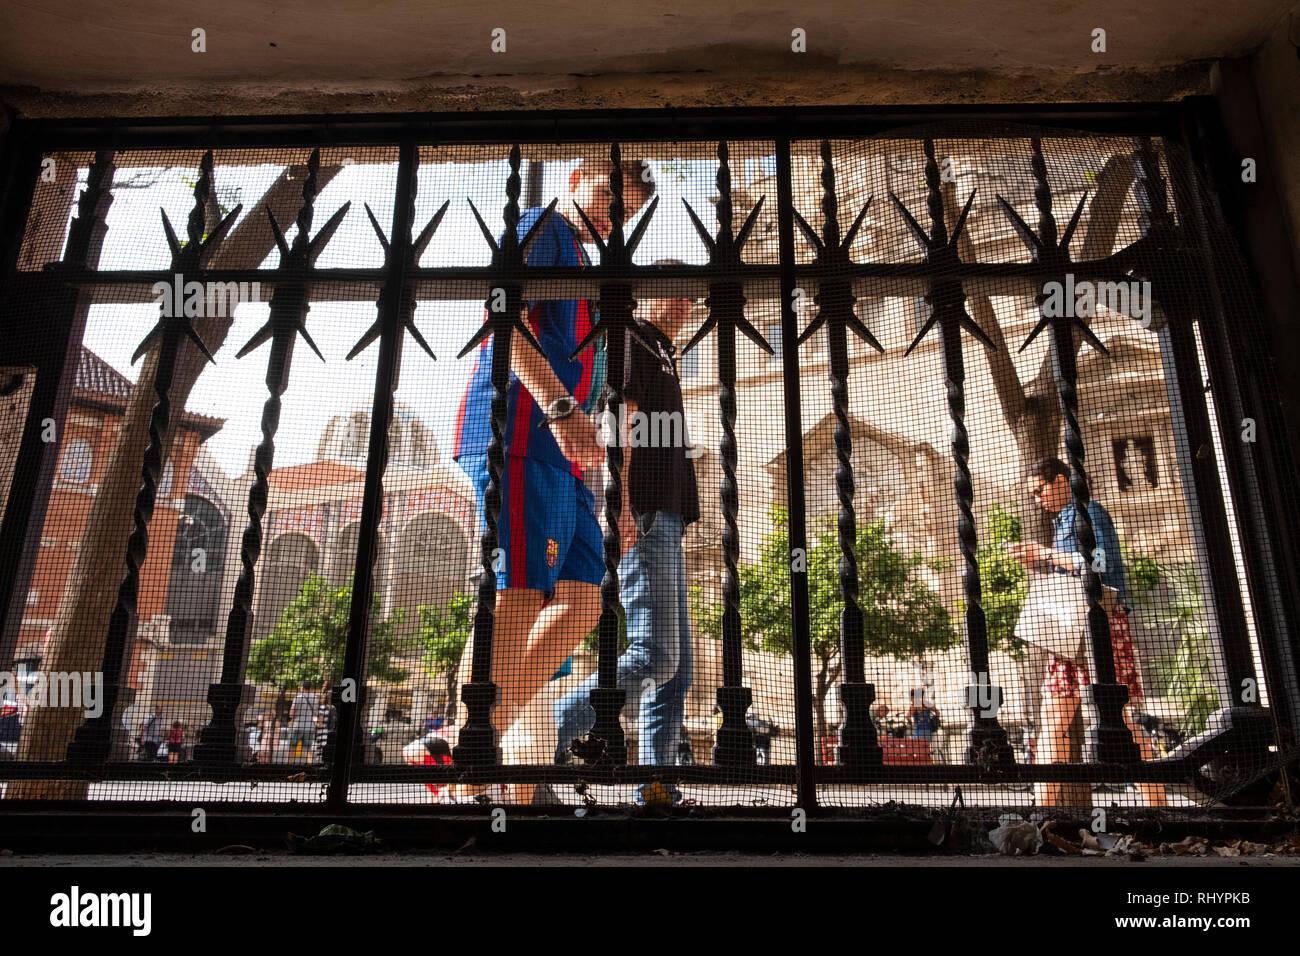 Wrought Iron Grill at pavement level at The Silk Exchange, La Lonja de la Seda, in Valencia Spain Stock Photo